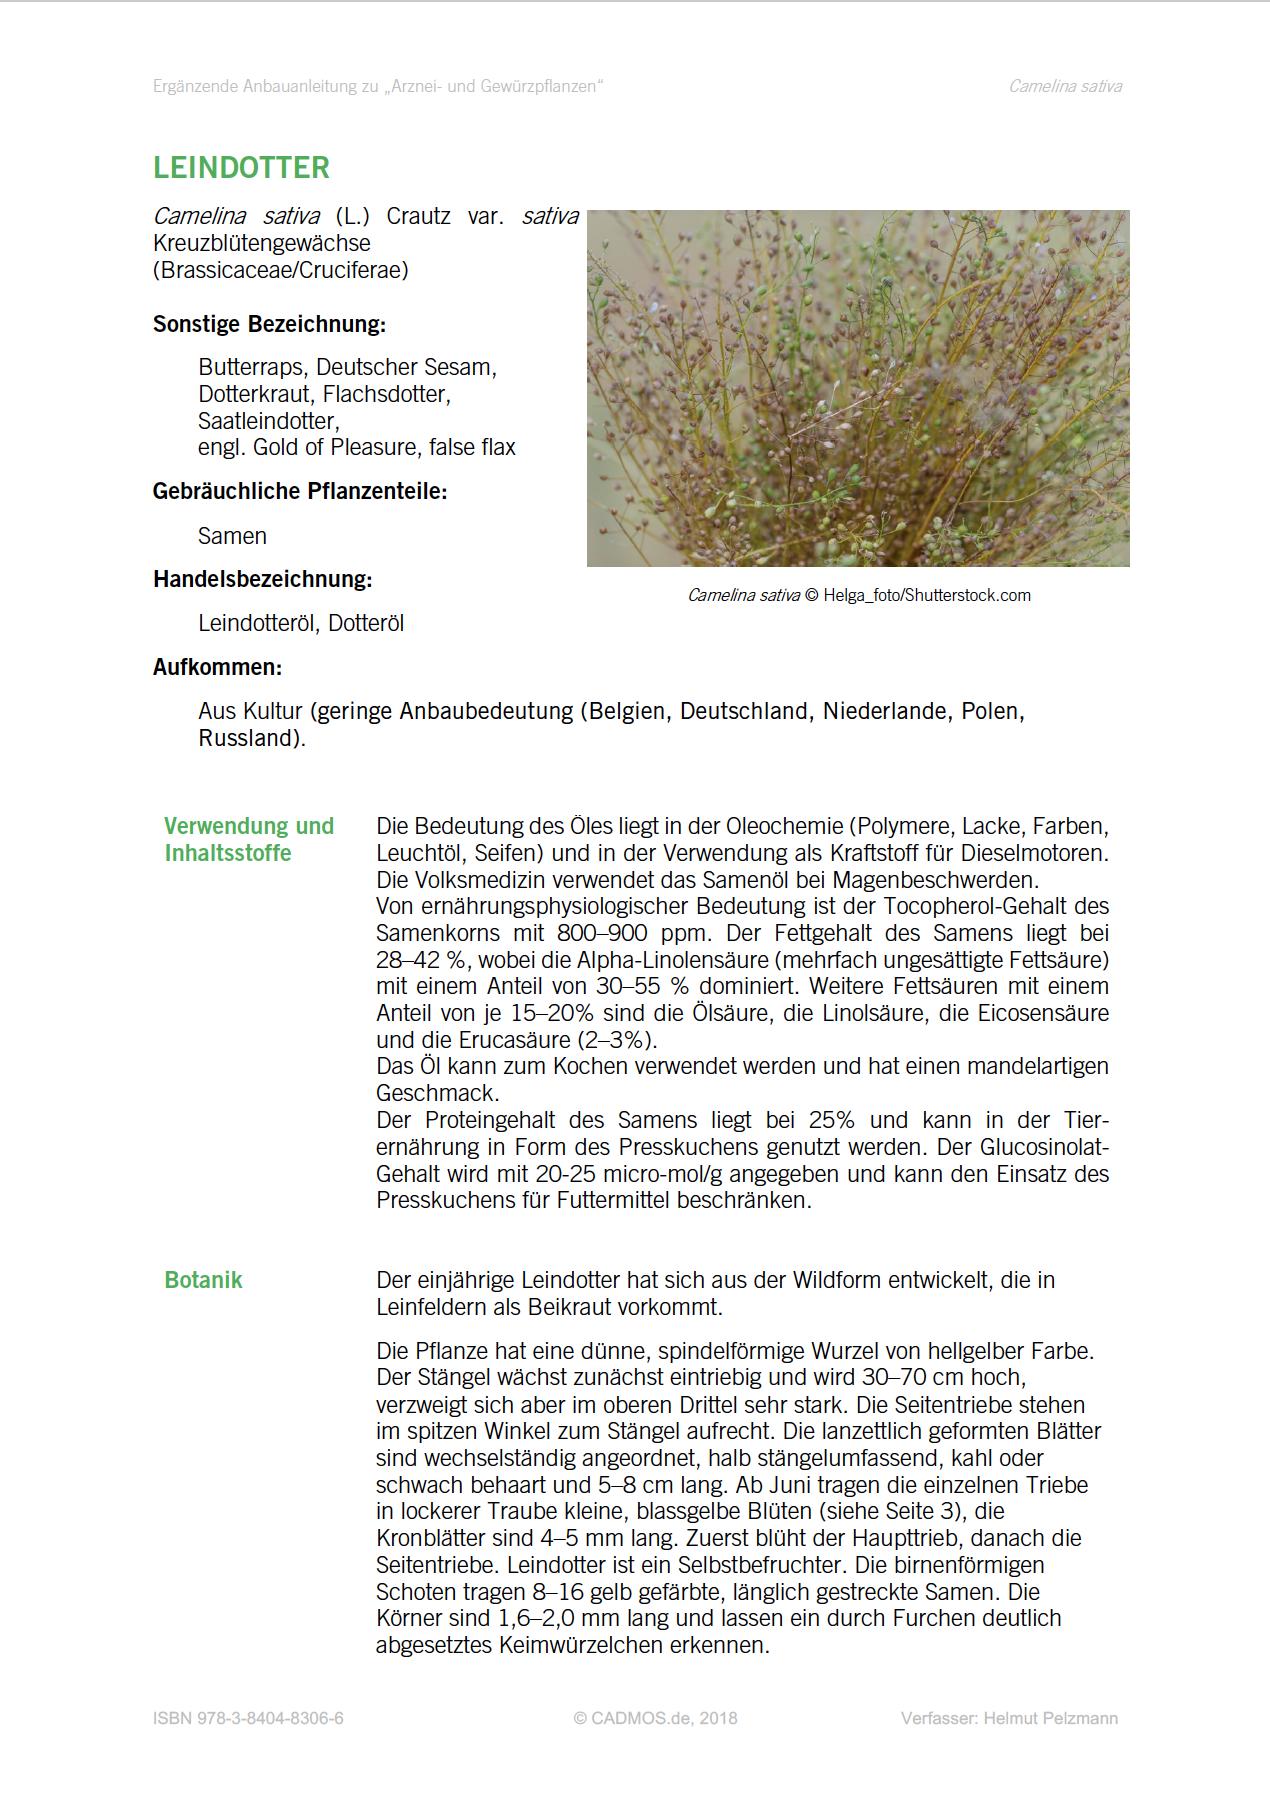 Arznei- und Gewuerzpflanzen, Anbauanleitung Leindotter, 2018